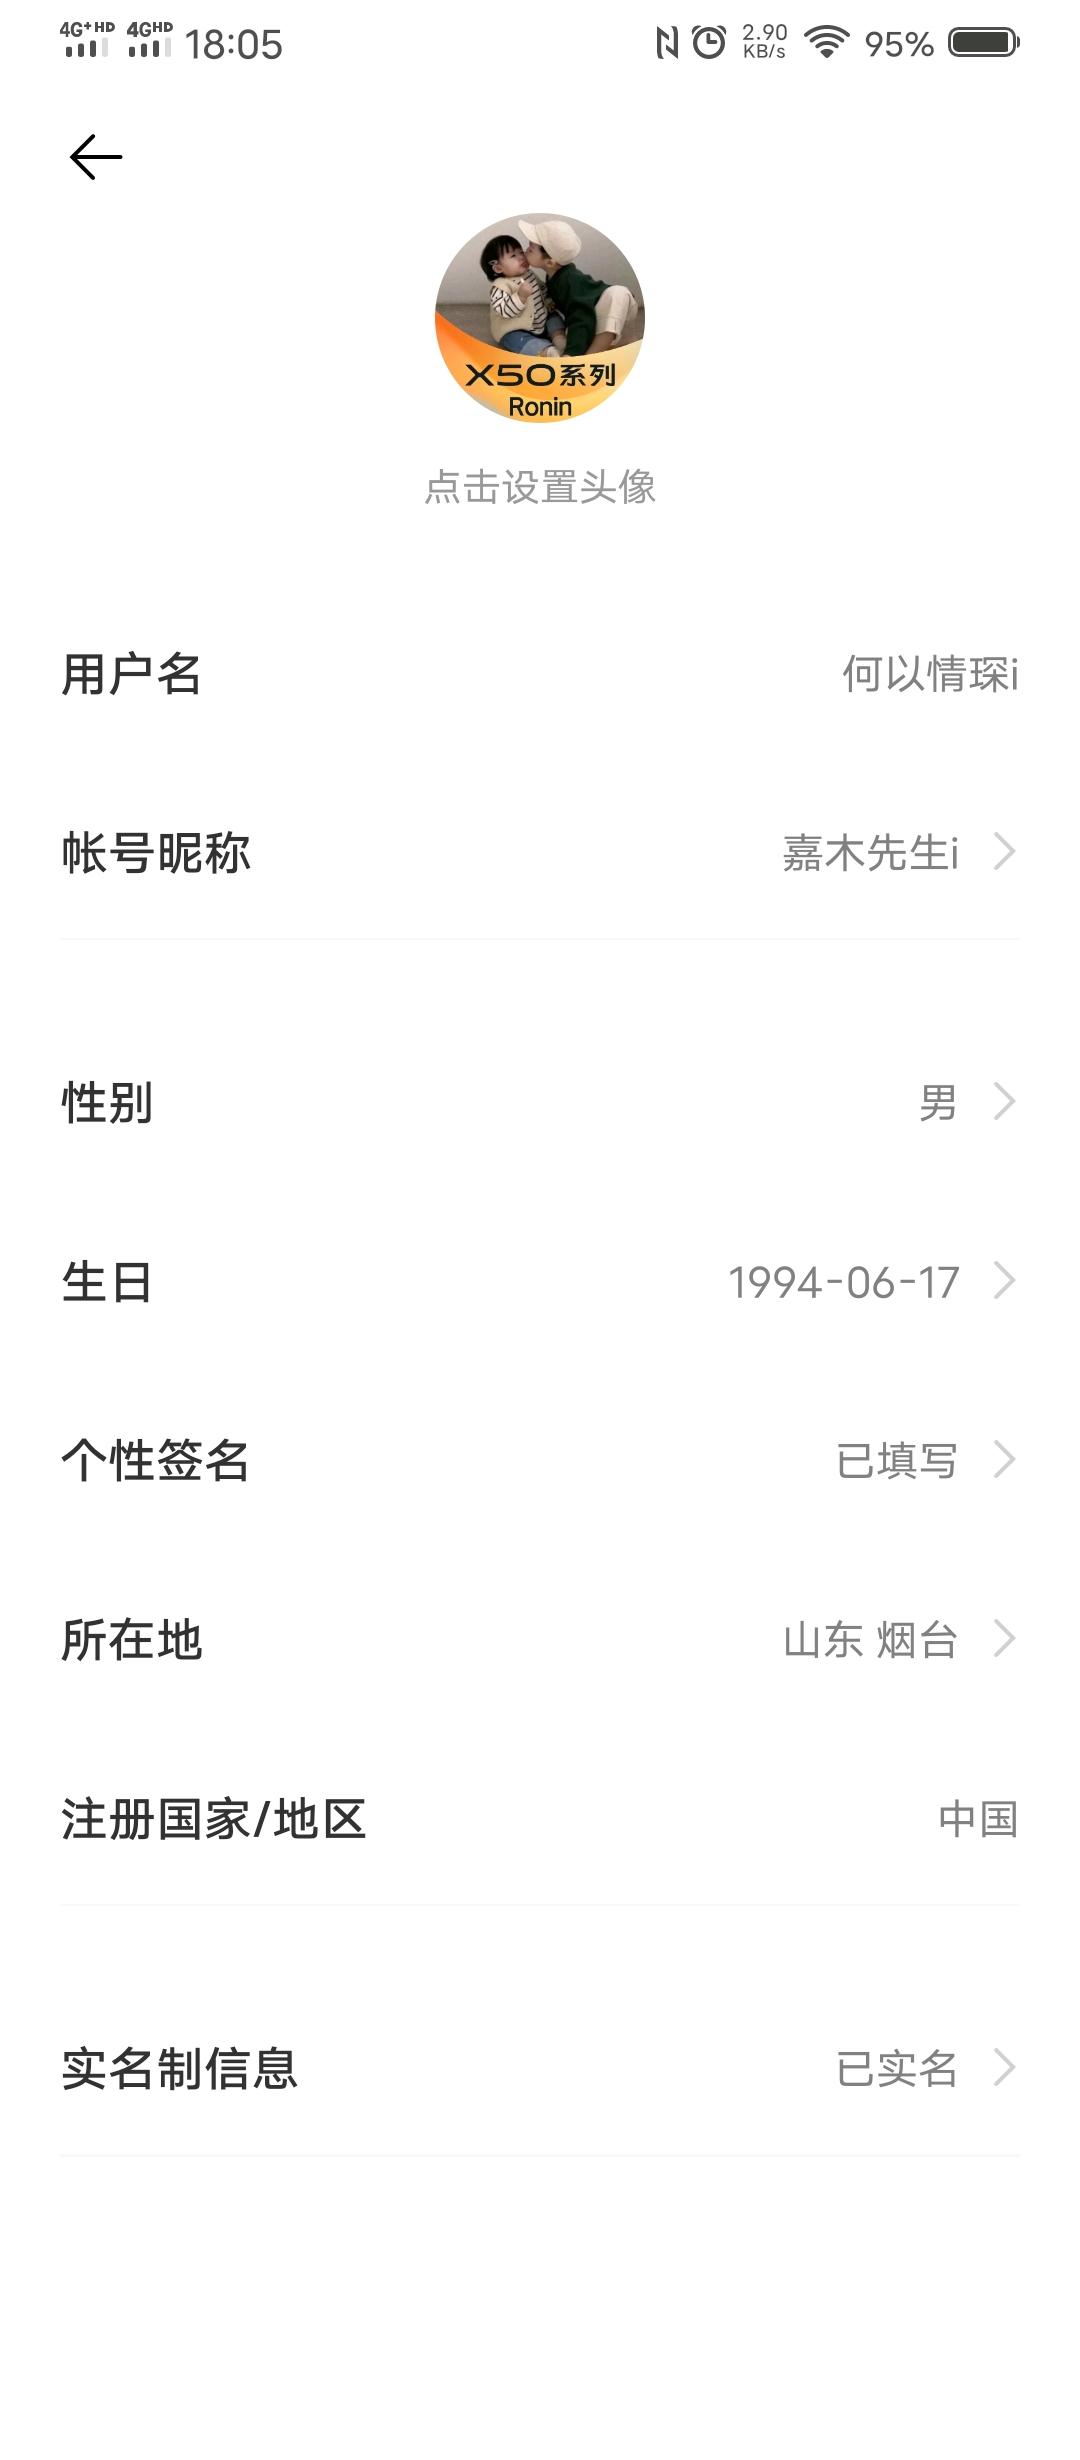 Screenshot_20200522_180501.jpg